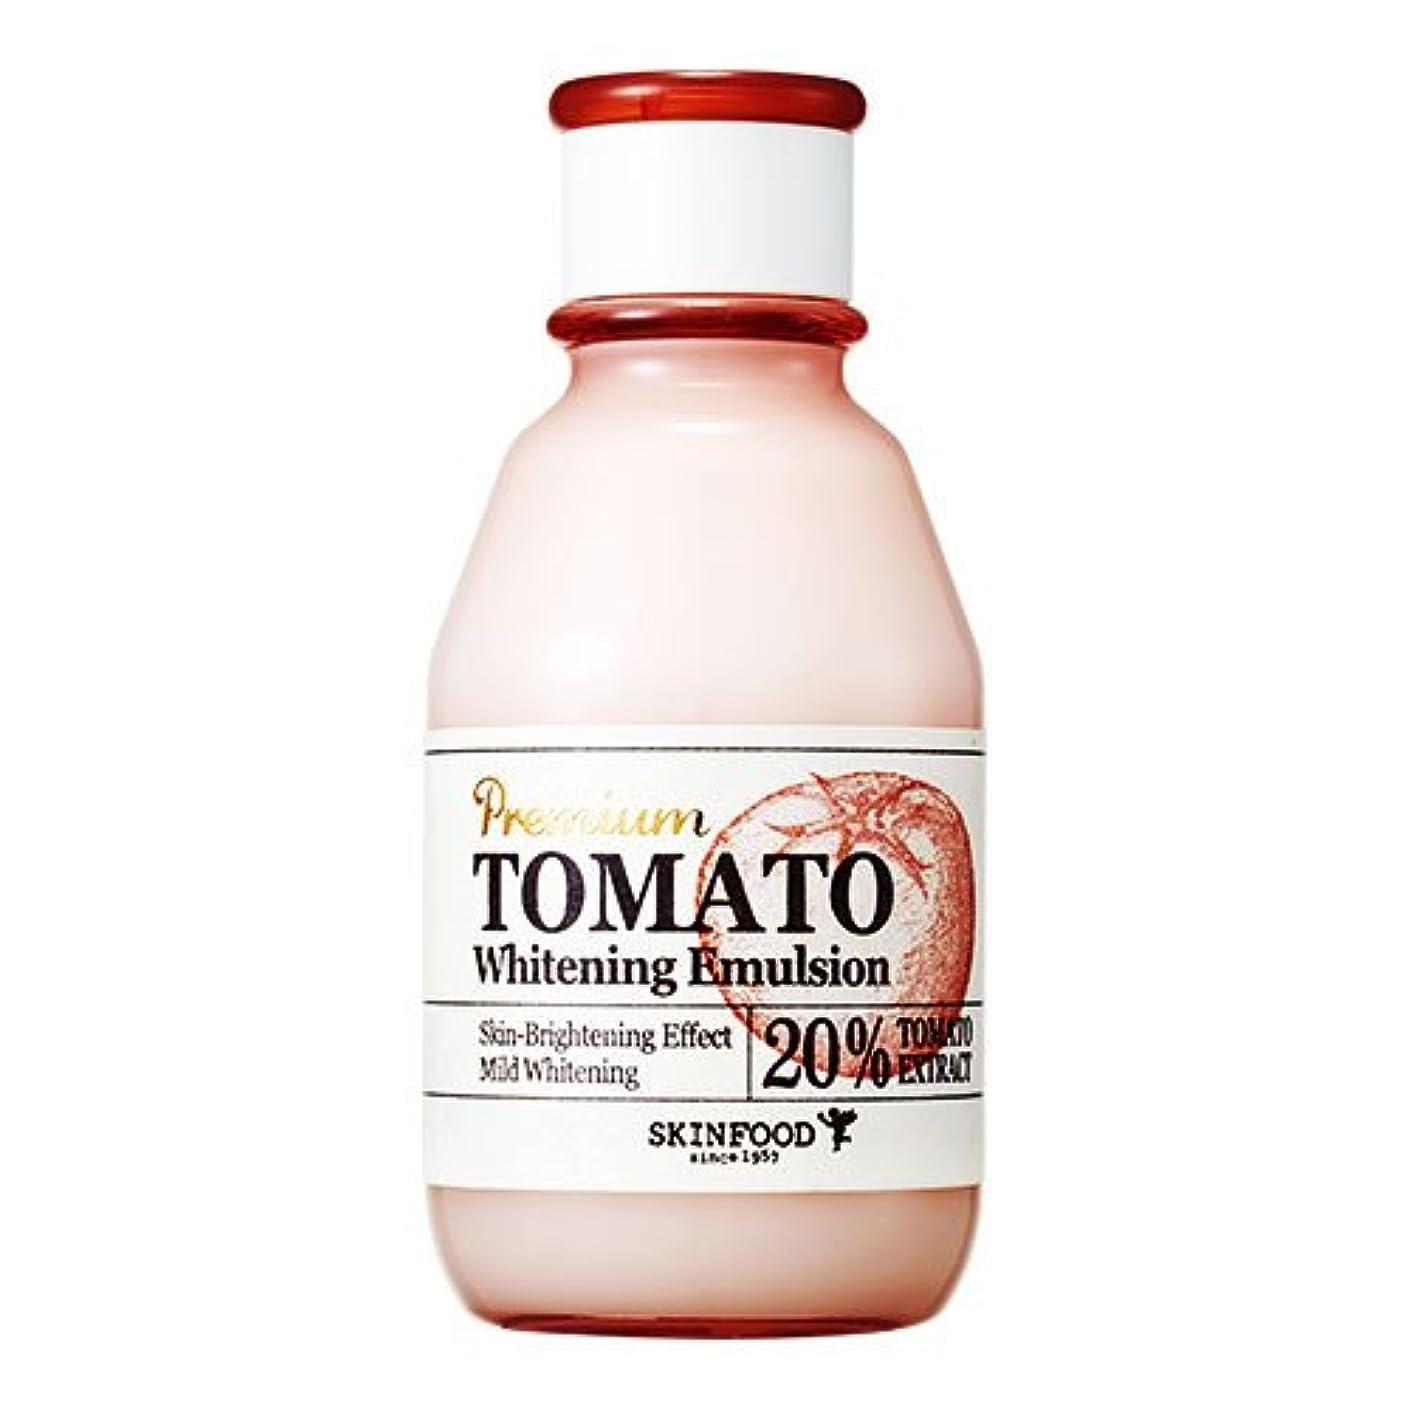 火星十分な半円[スキンフード] SKINFOOD プレミアムトマトホワイトニングエマルジョン Premium Tomato Whitening Emulsion (海外直送品) [並行輸入品]